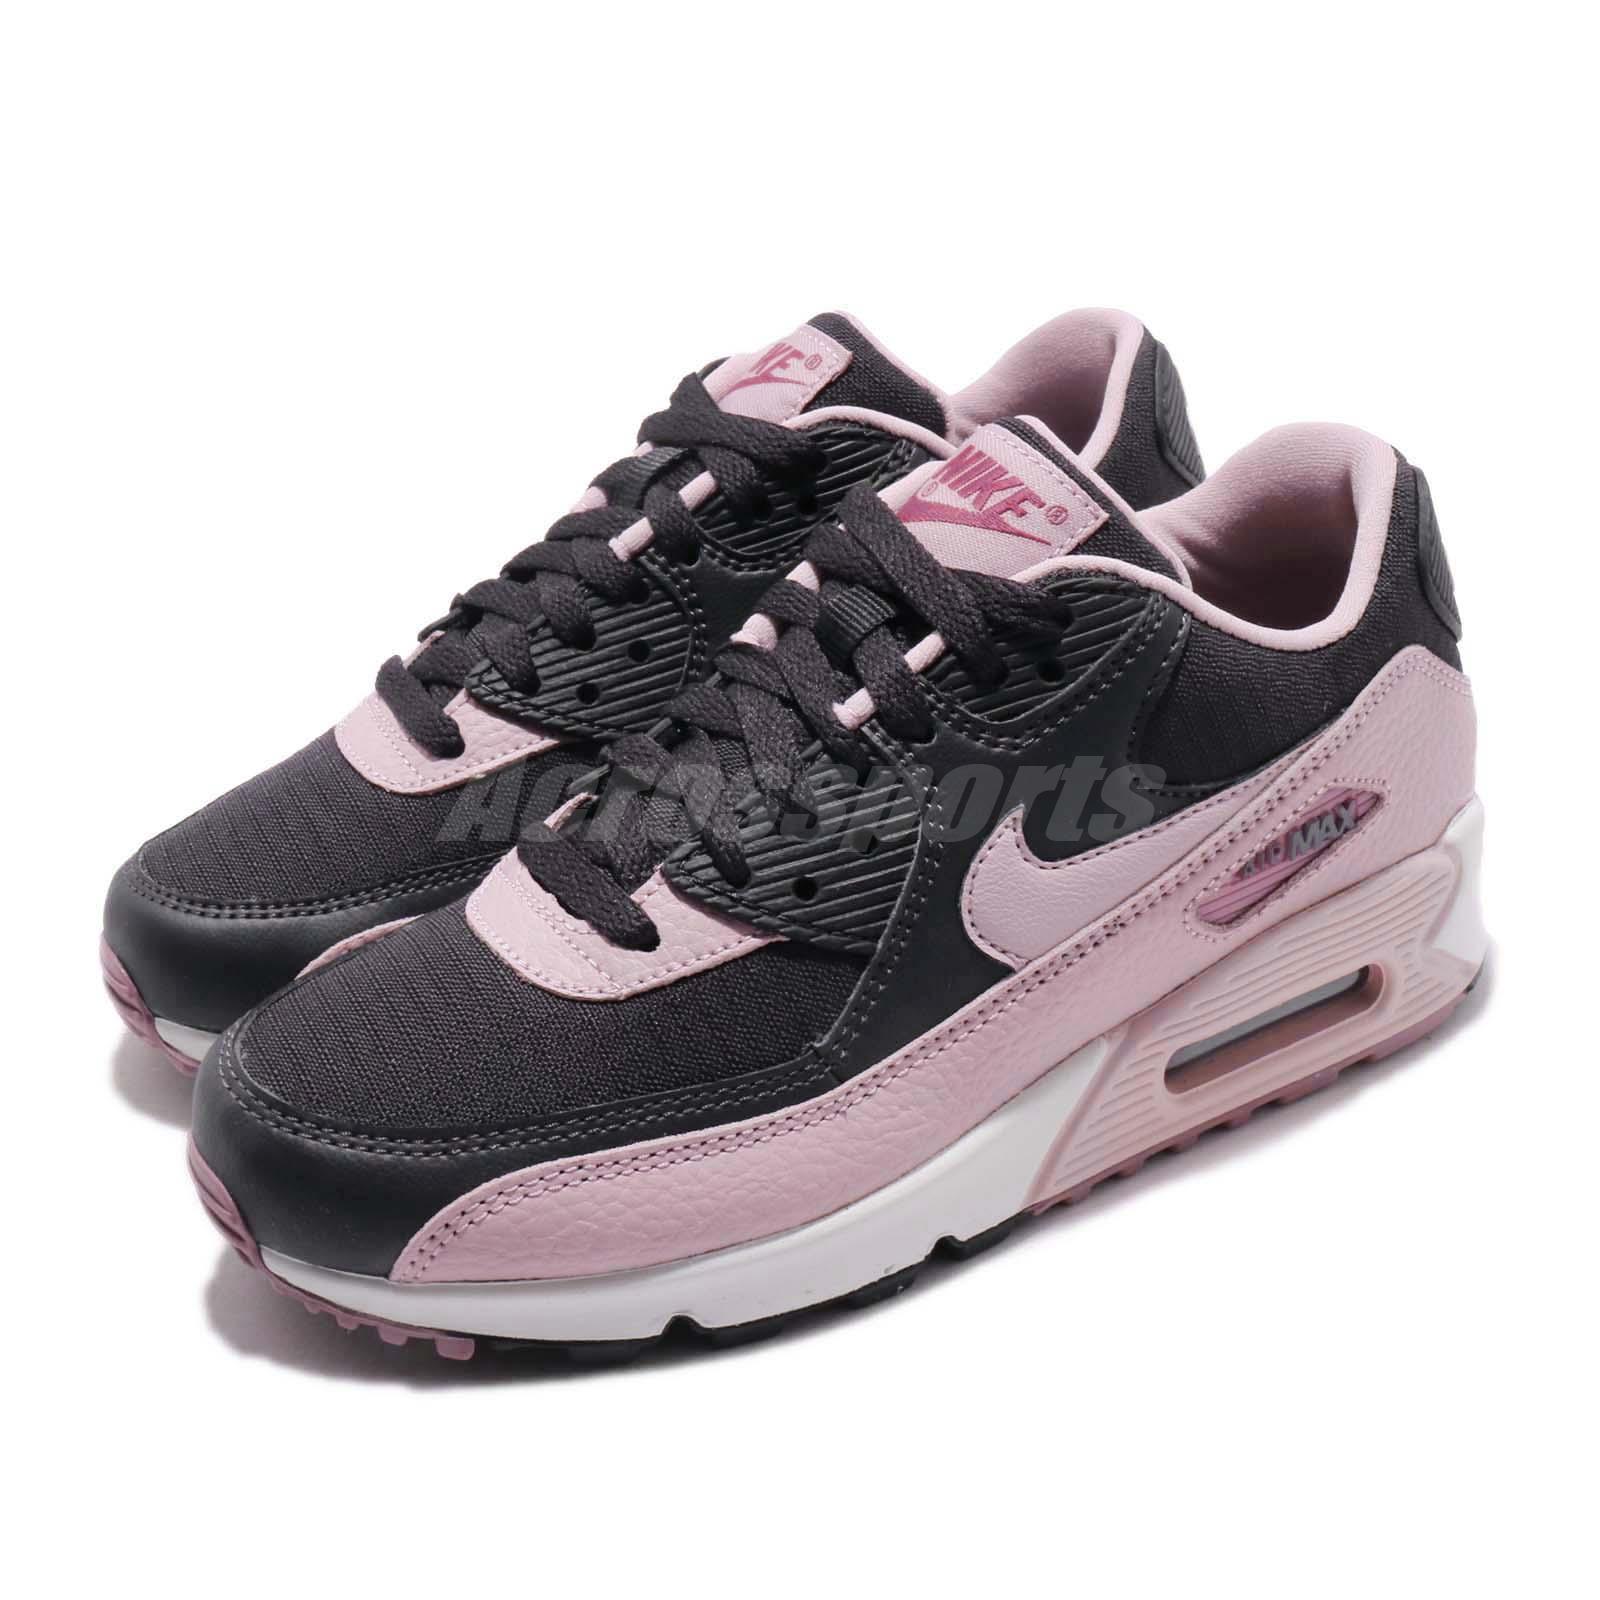 nike air max grey and pink